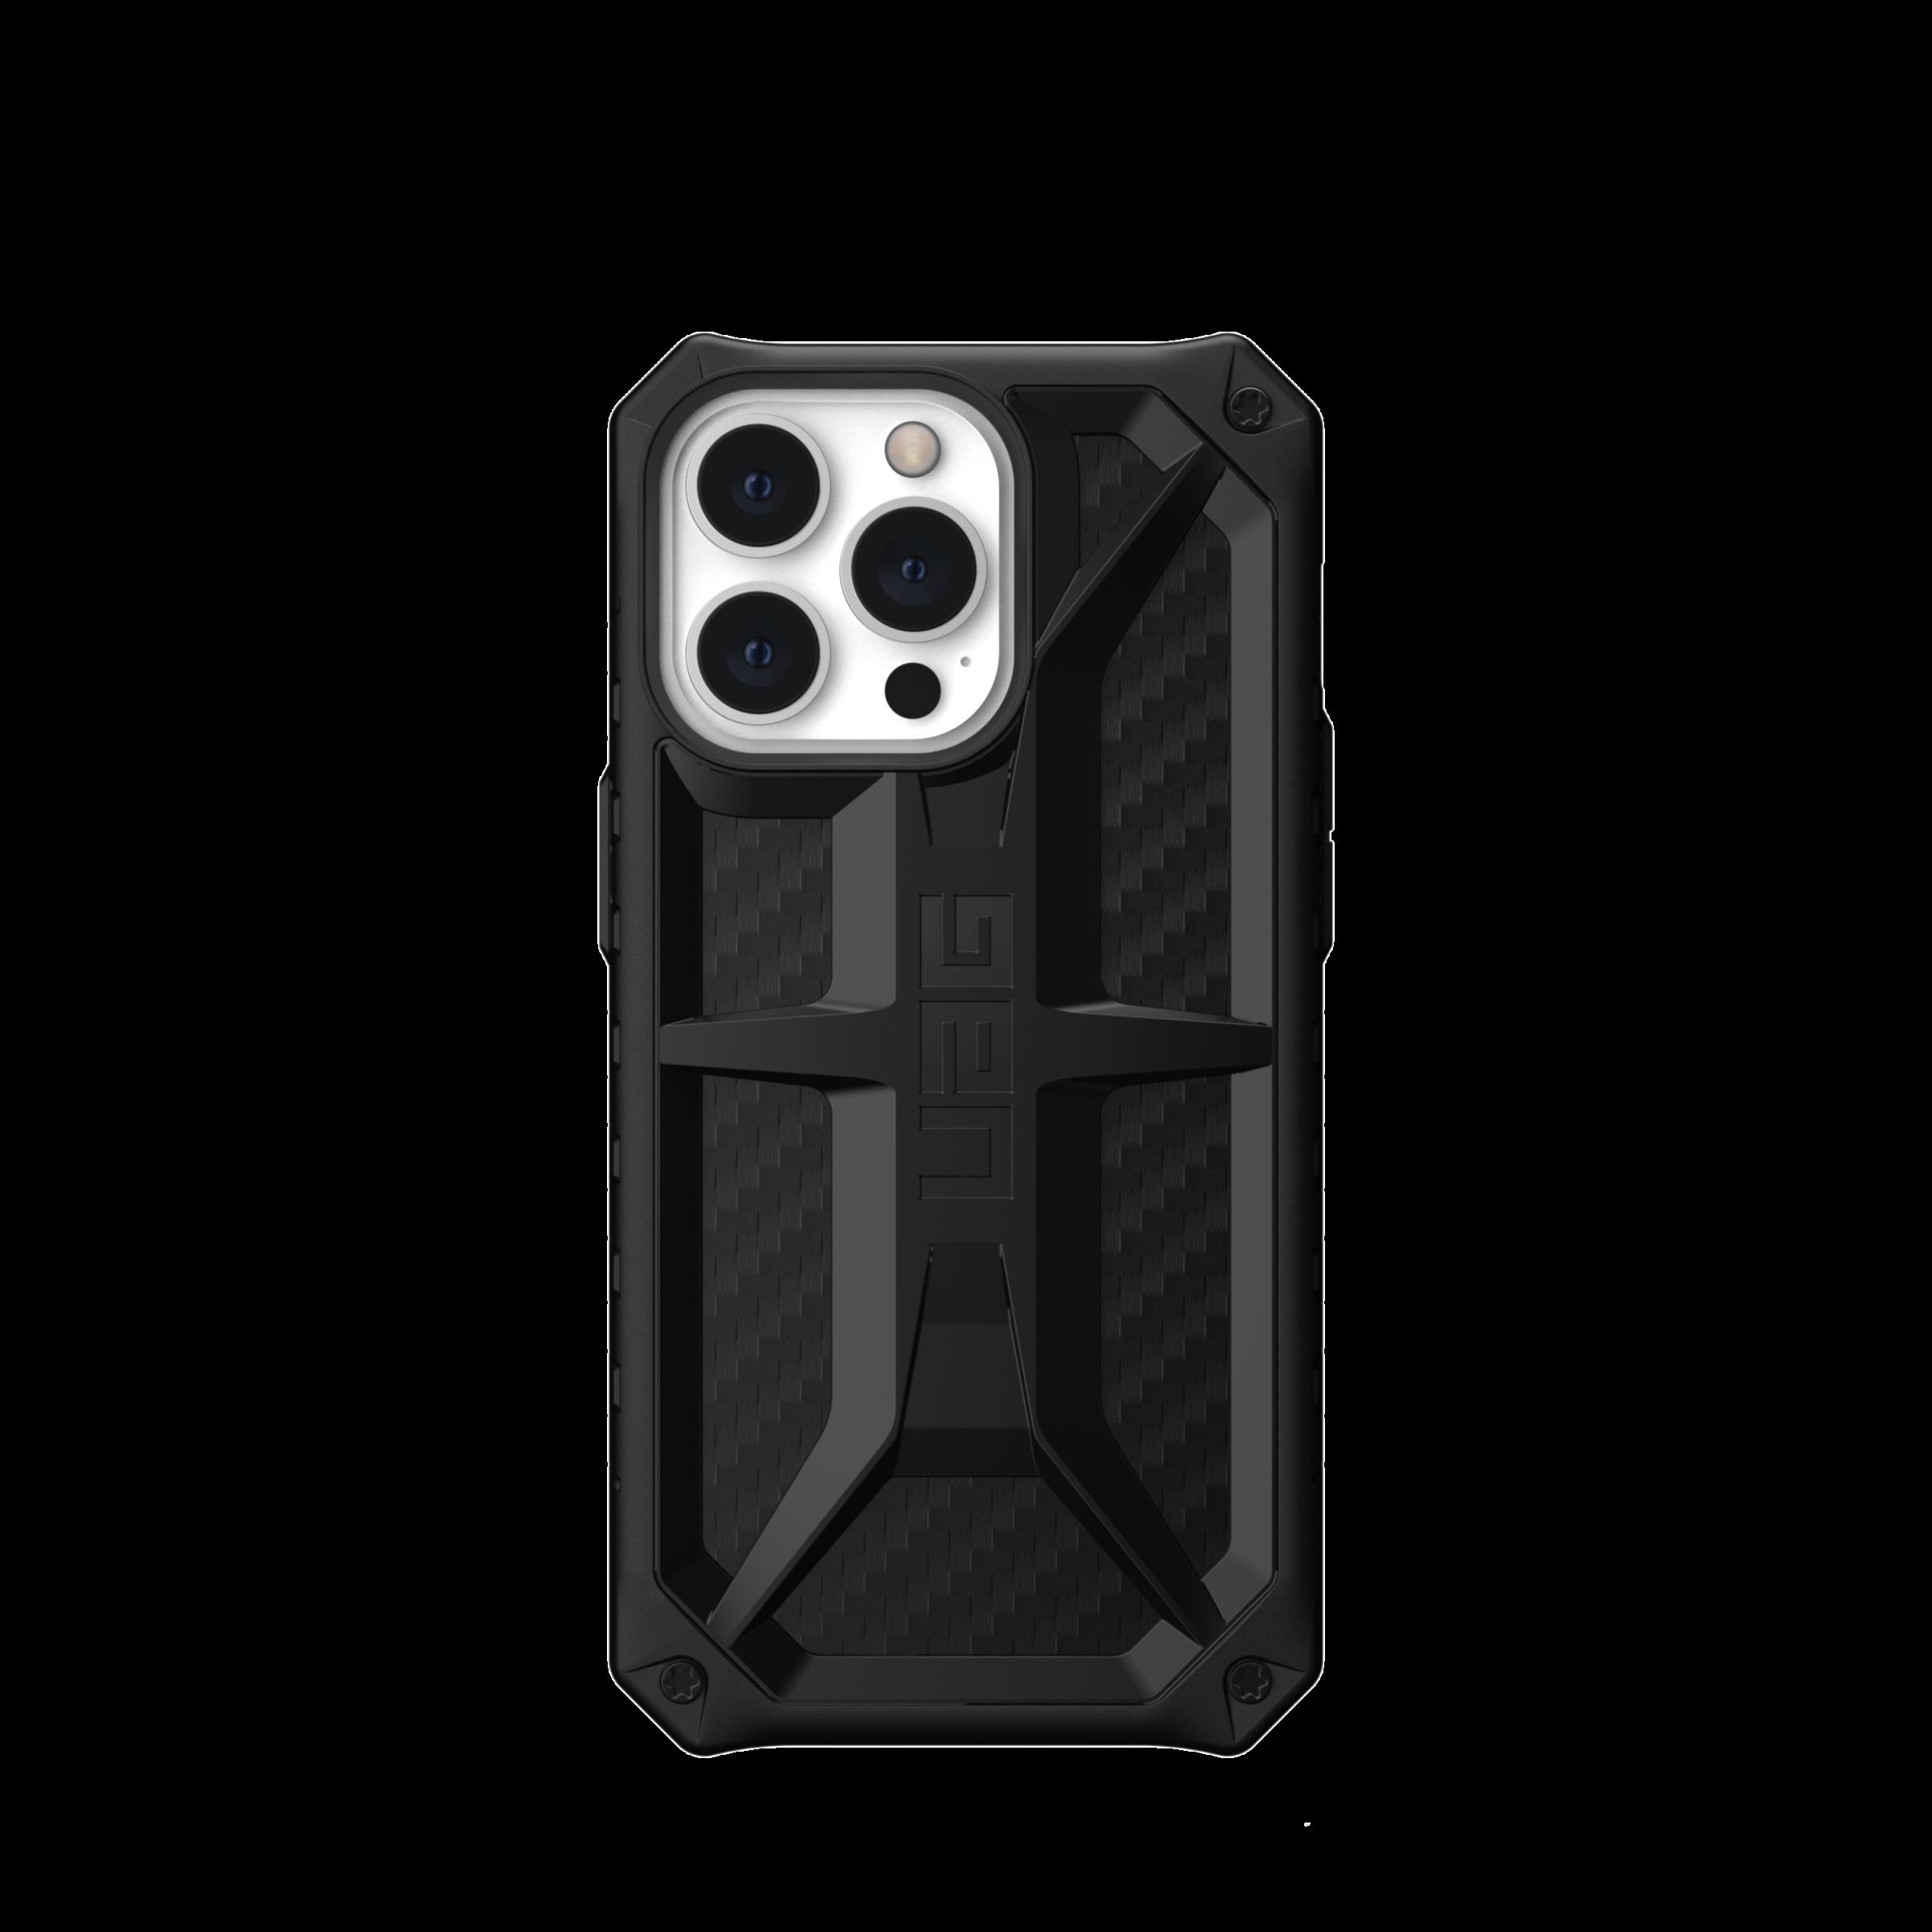 Monarch Series Case iPhone 13 Pro Carbon Fiber